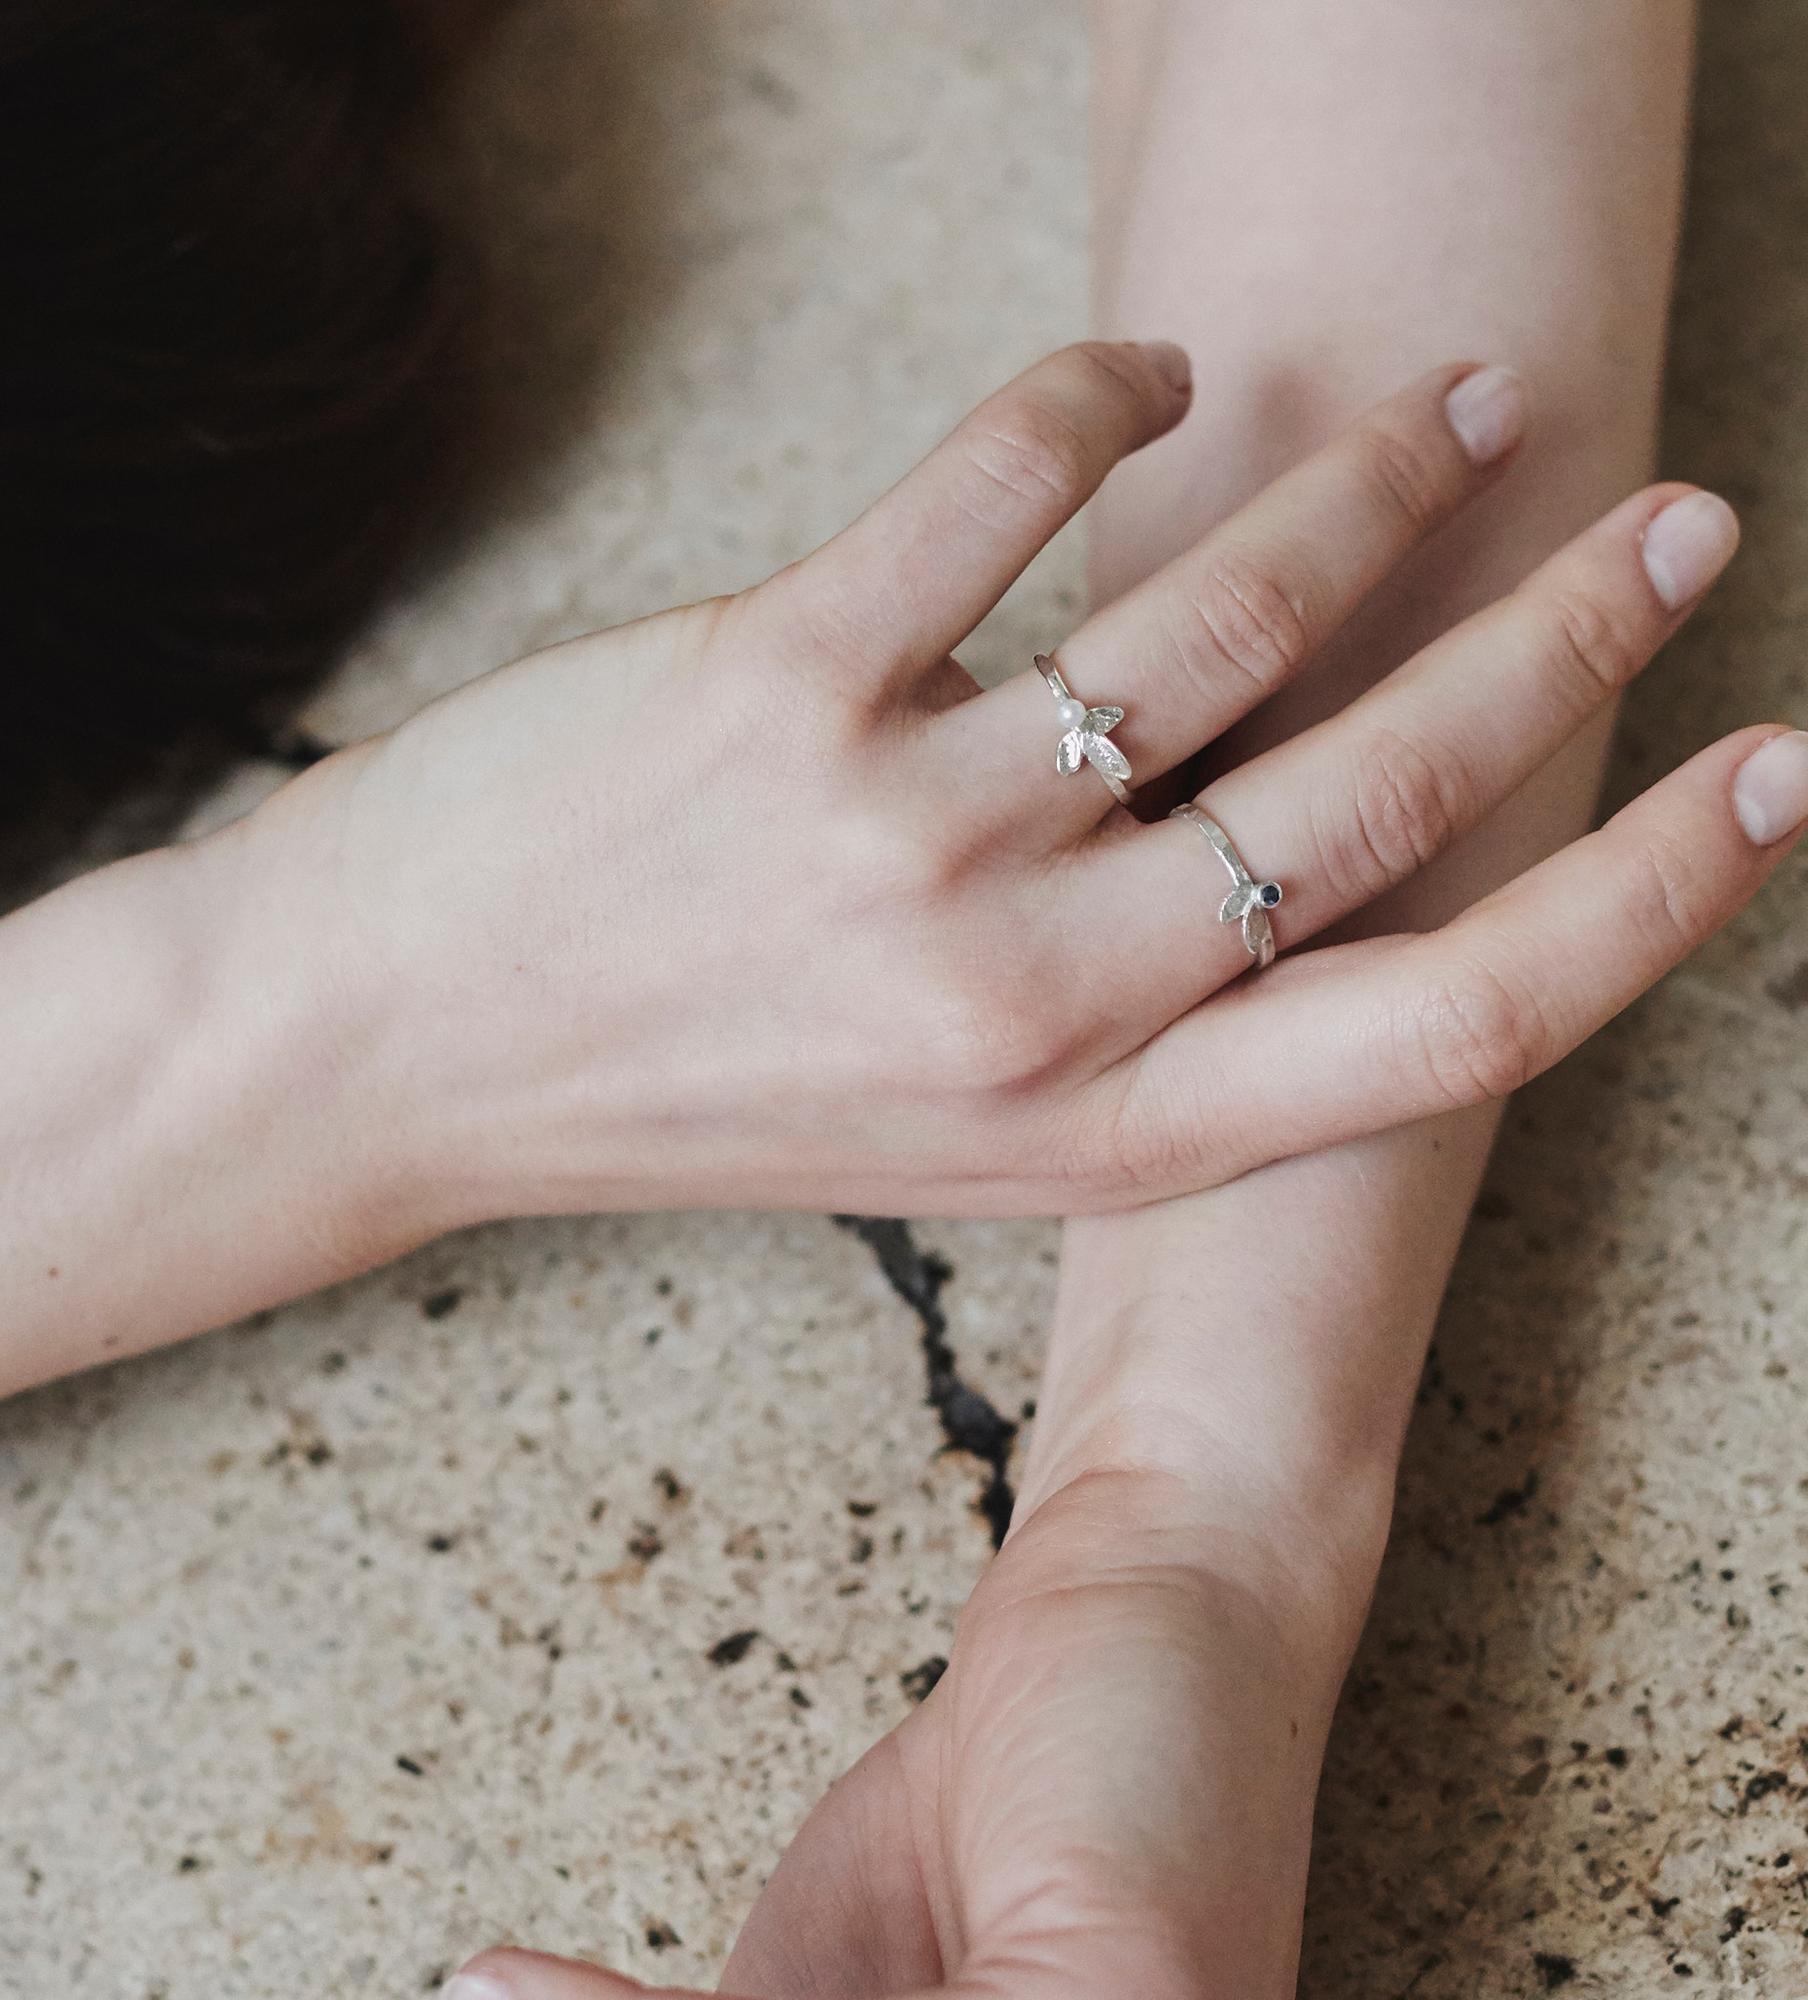 """Uroczy i delikatny pierścionek z kolekcji Arche. Trzy drobne listki o chropowatej fakturze tworzą piękną kompozycję z malutką perełką. Idealny do noszenia """"na codzień"""". Listki są specjalnie zaokrąglone i wygładzone tak, by nie kuły ani nadmiernie nie zahaczały o ubrania. Wykonany ręcznie ze srebra p 0,925. Perła naturalna, hodowlana, słodkowodna wielkość ok 2-3 mm"""